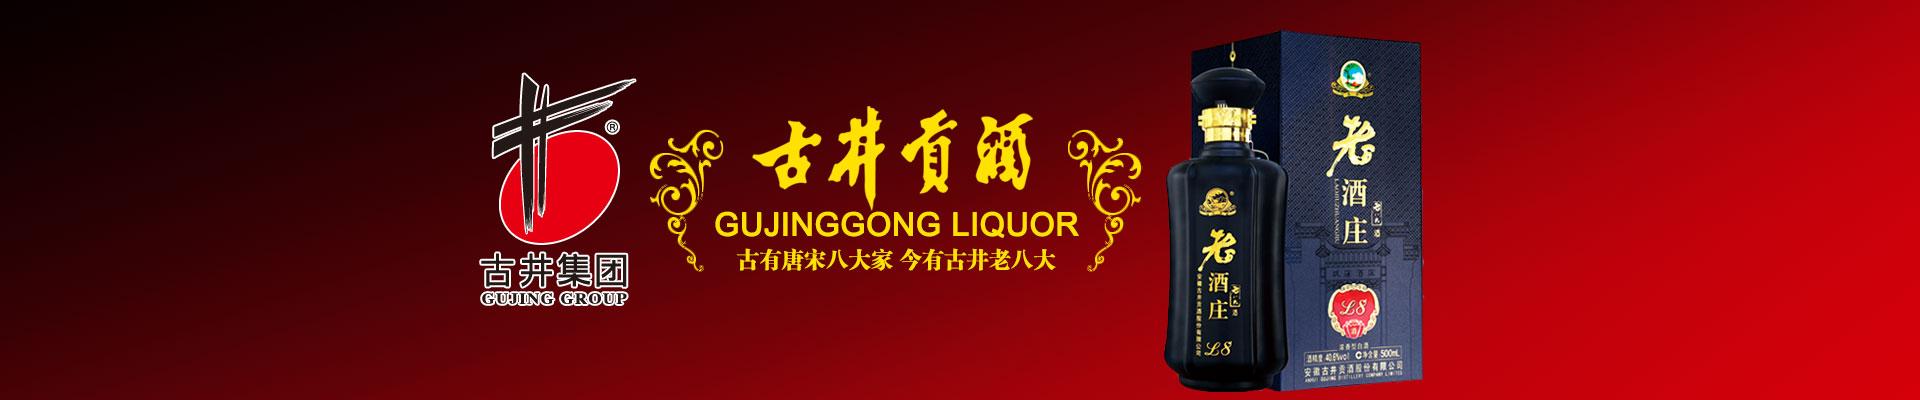 古井集团老八大酒招商中心